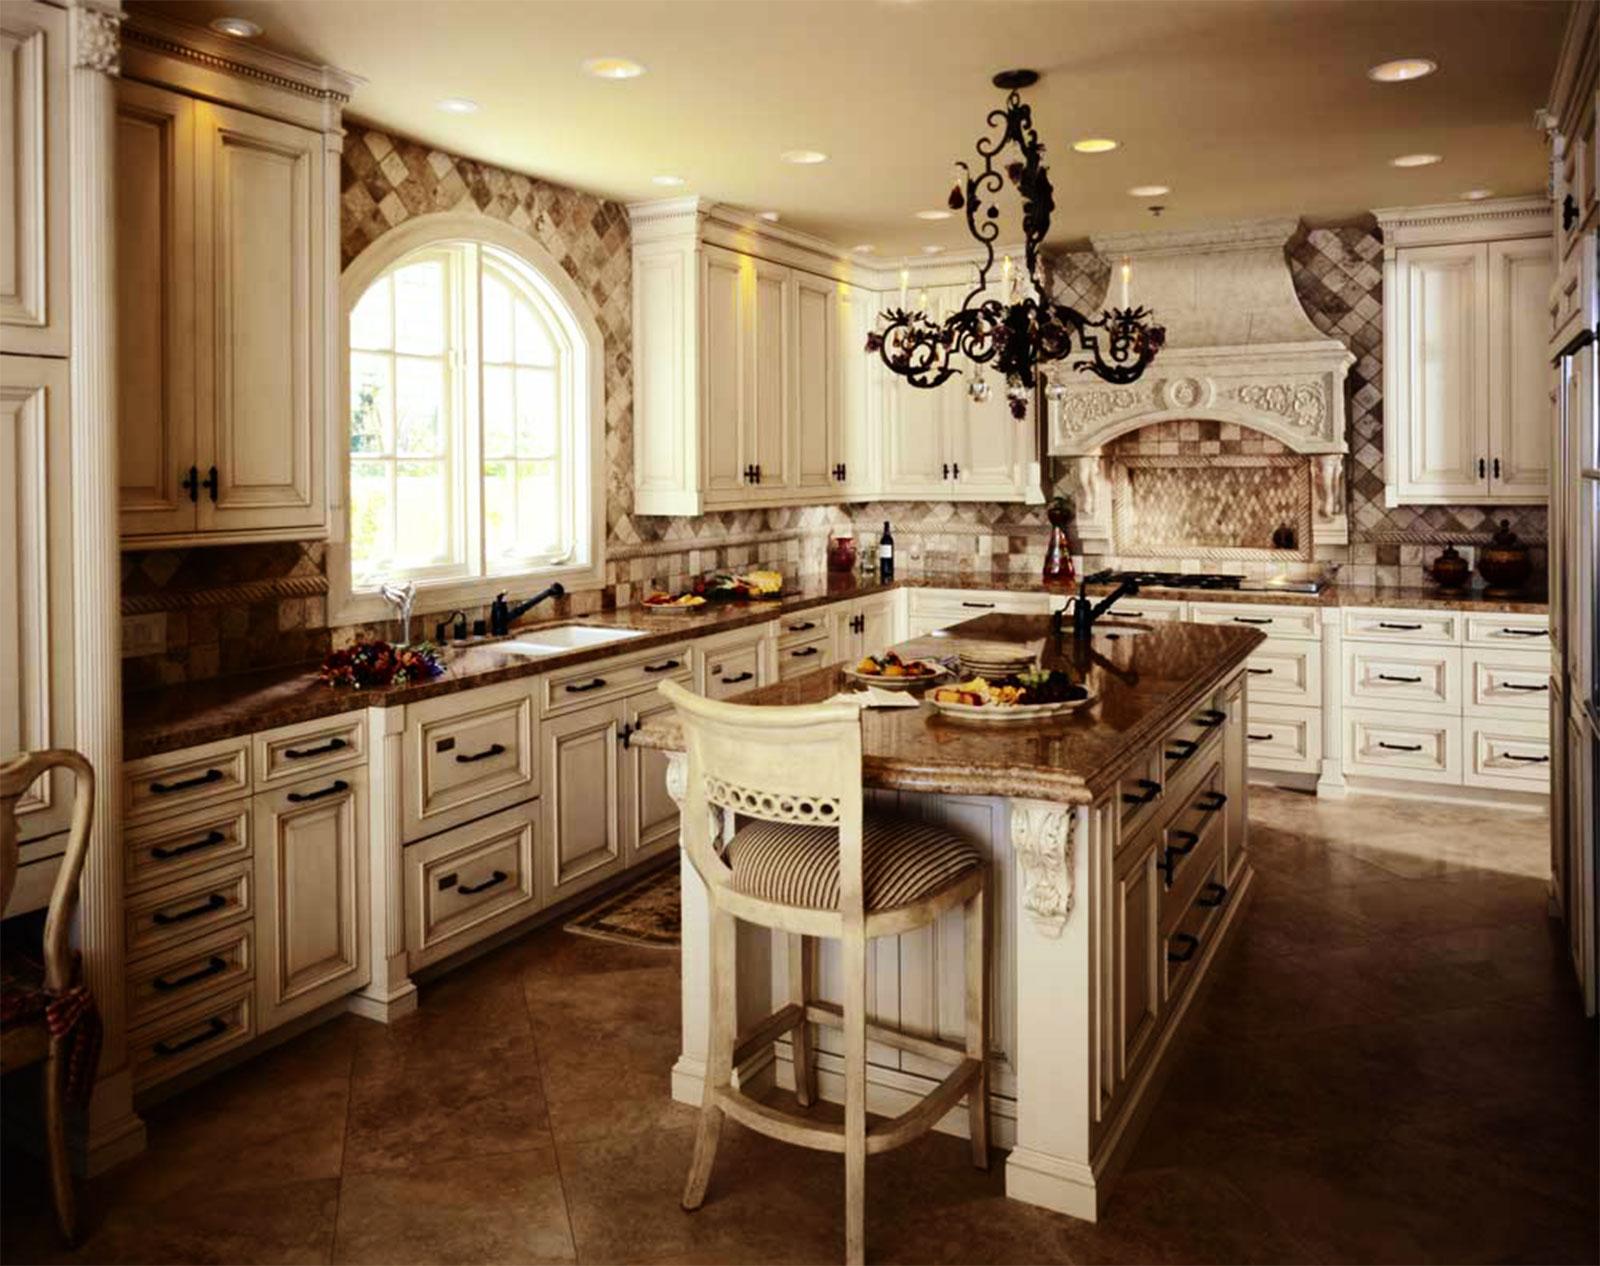 antique white kitchen cabinets 32 inch undermount sink visual hunt photo kitchens designs ideas